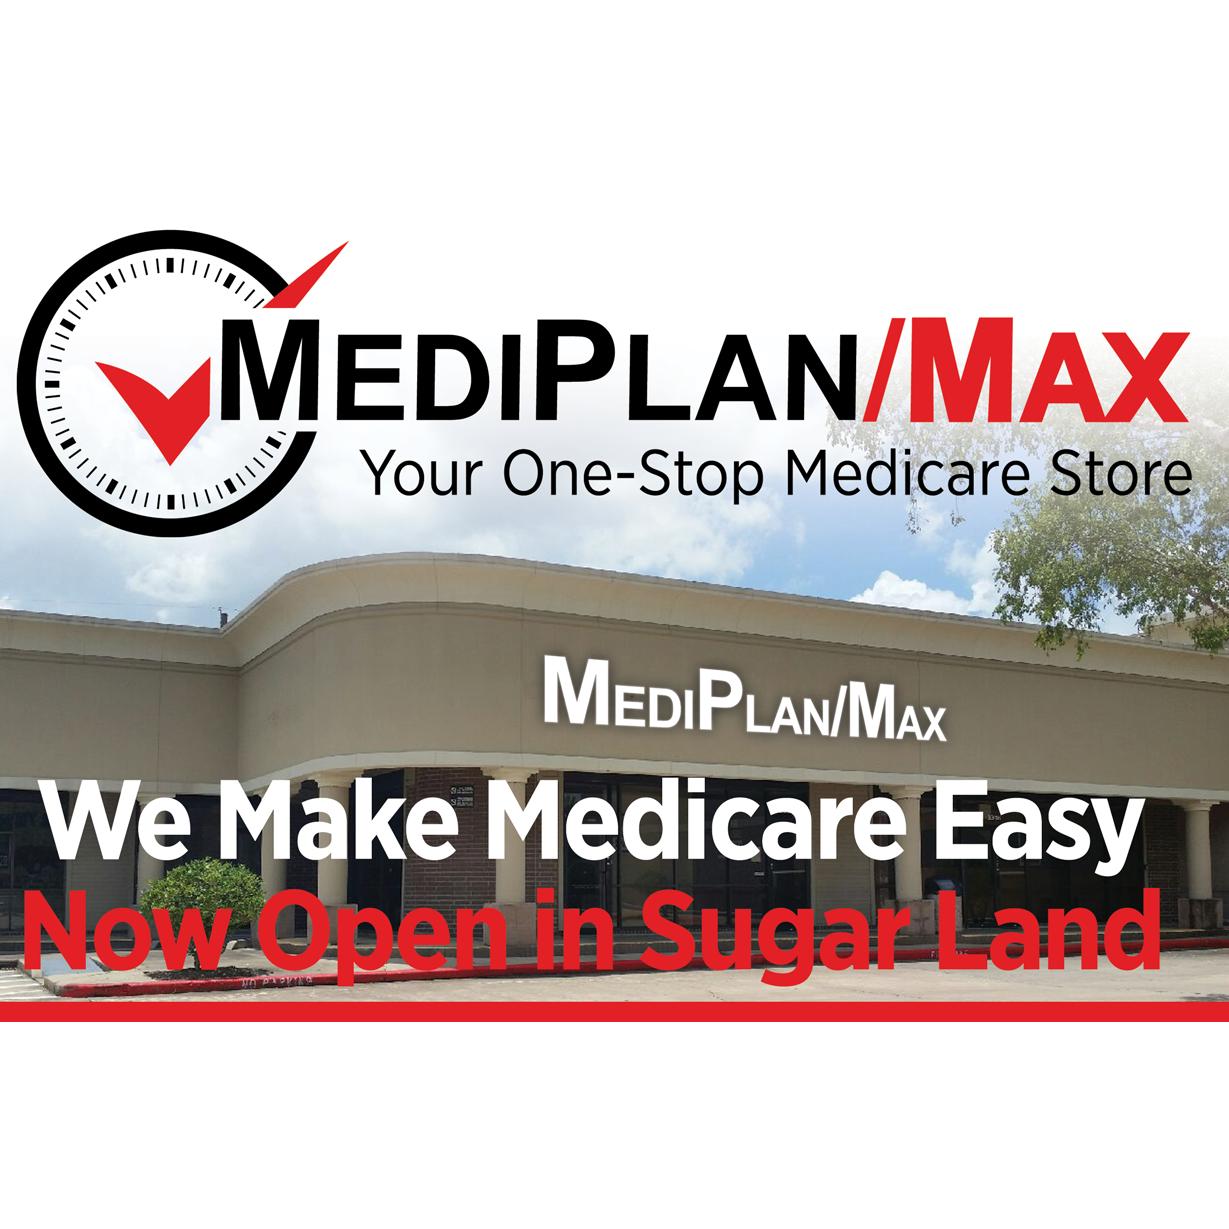 MediPlan/Max